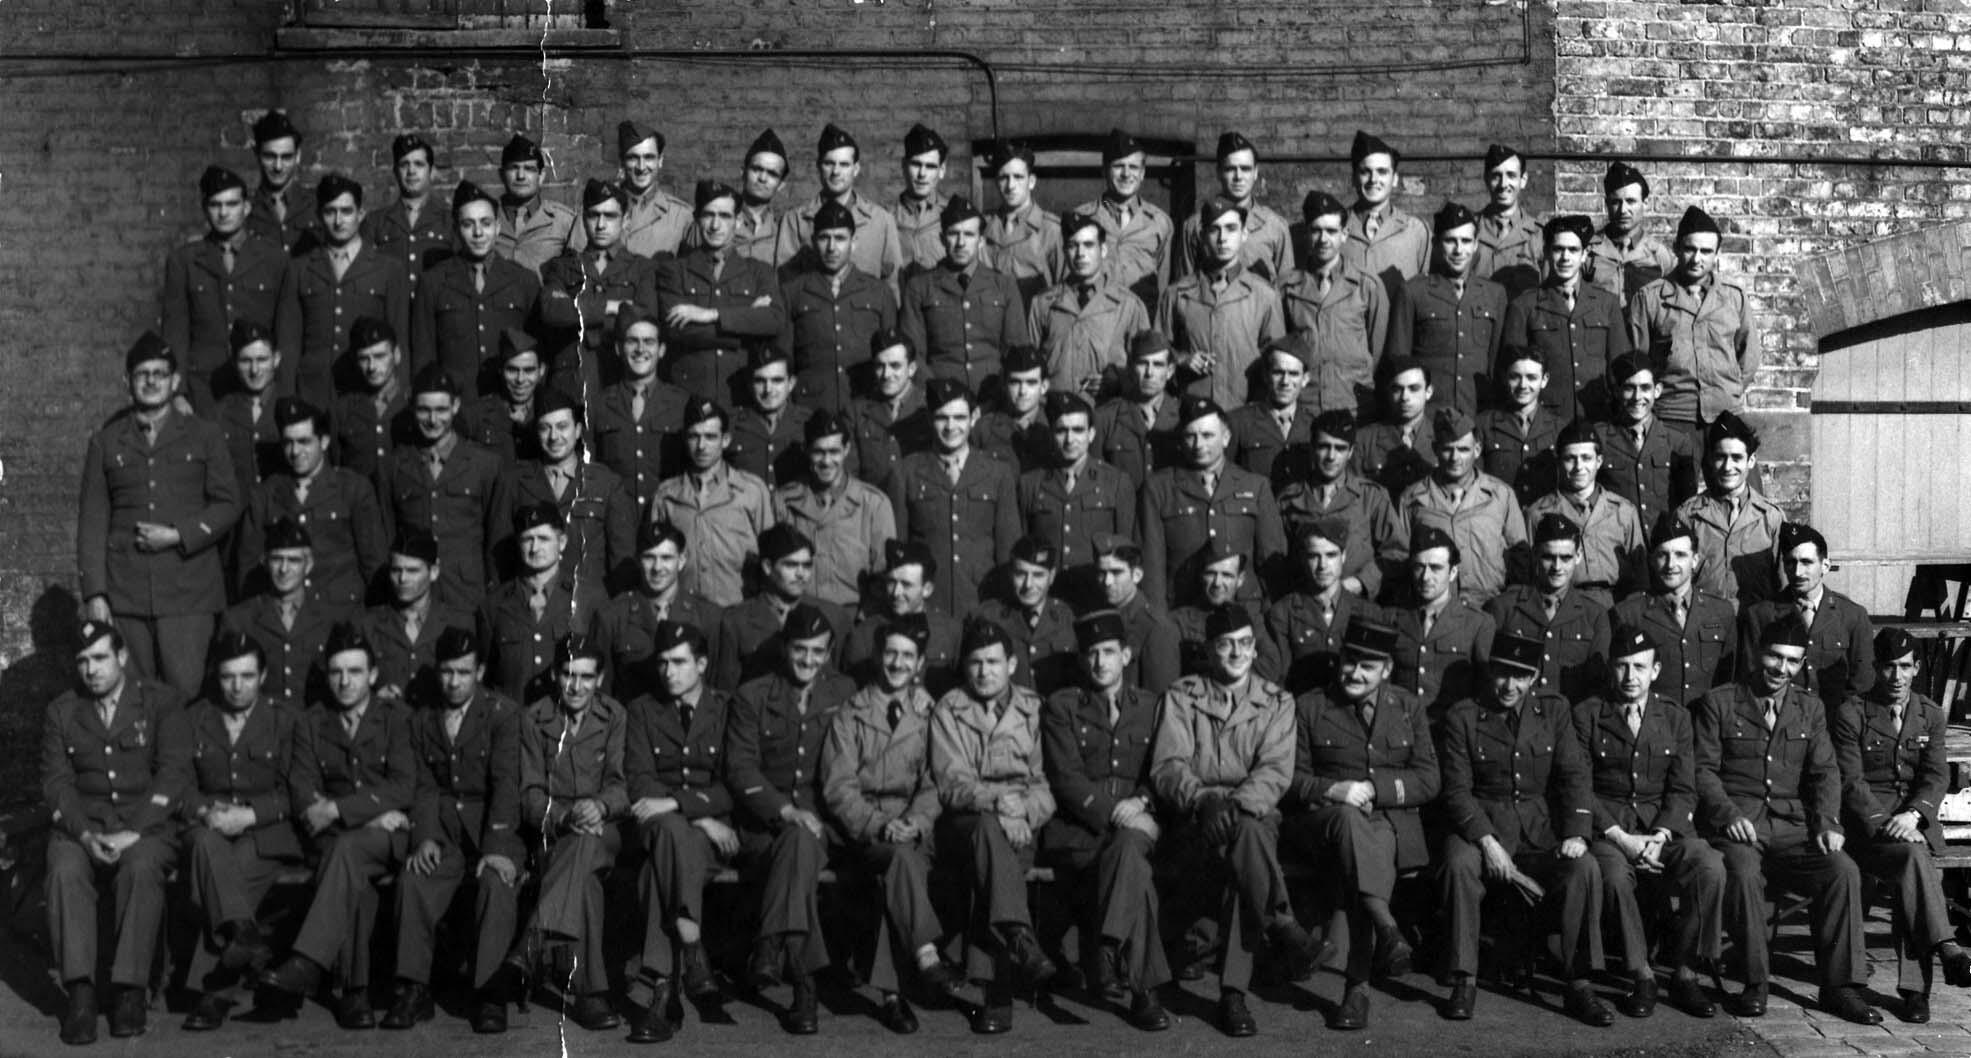 Photographie officielle de La  Nueve, prise à Dalton Hall, en Angleterre, au printemps 1944.